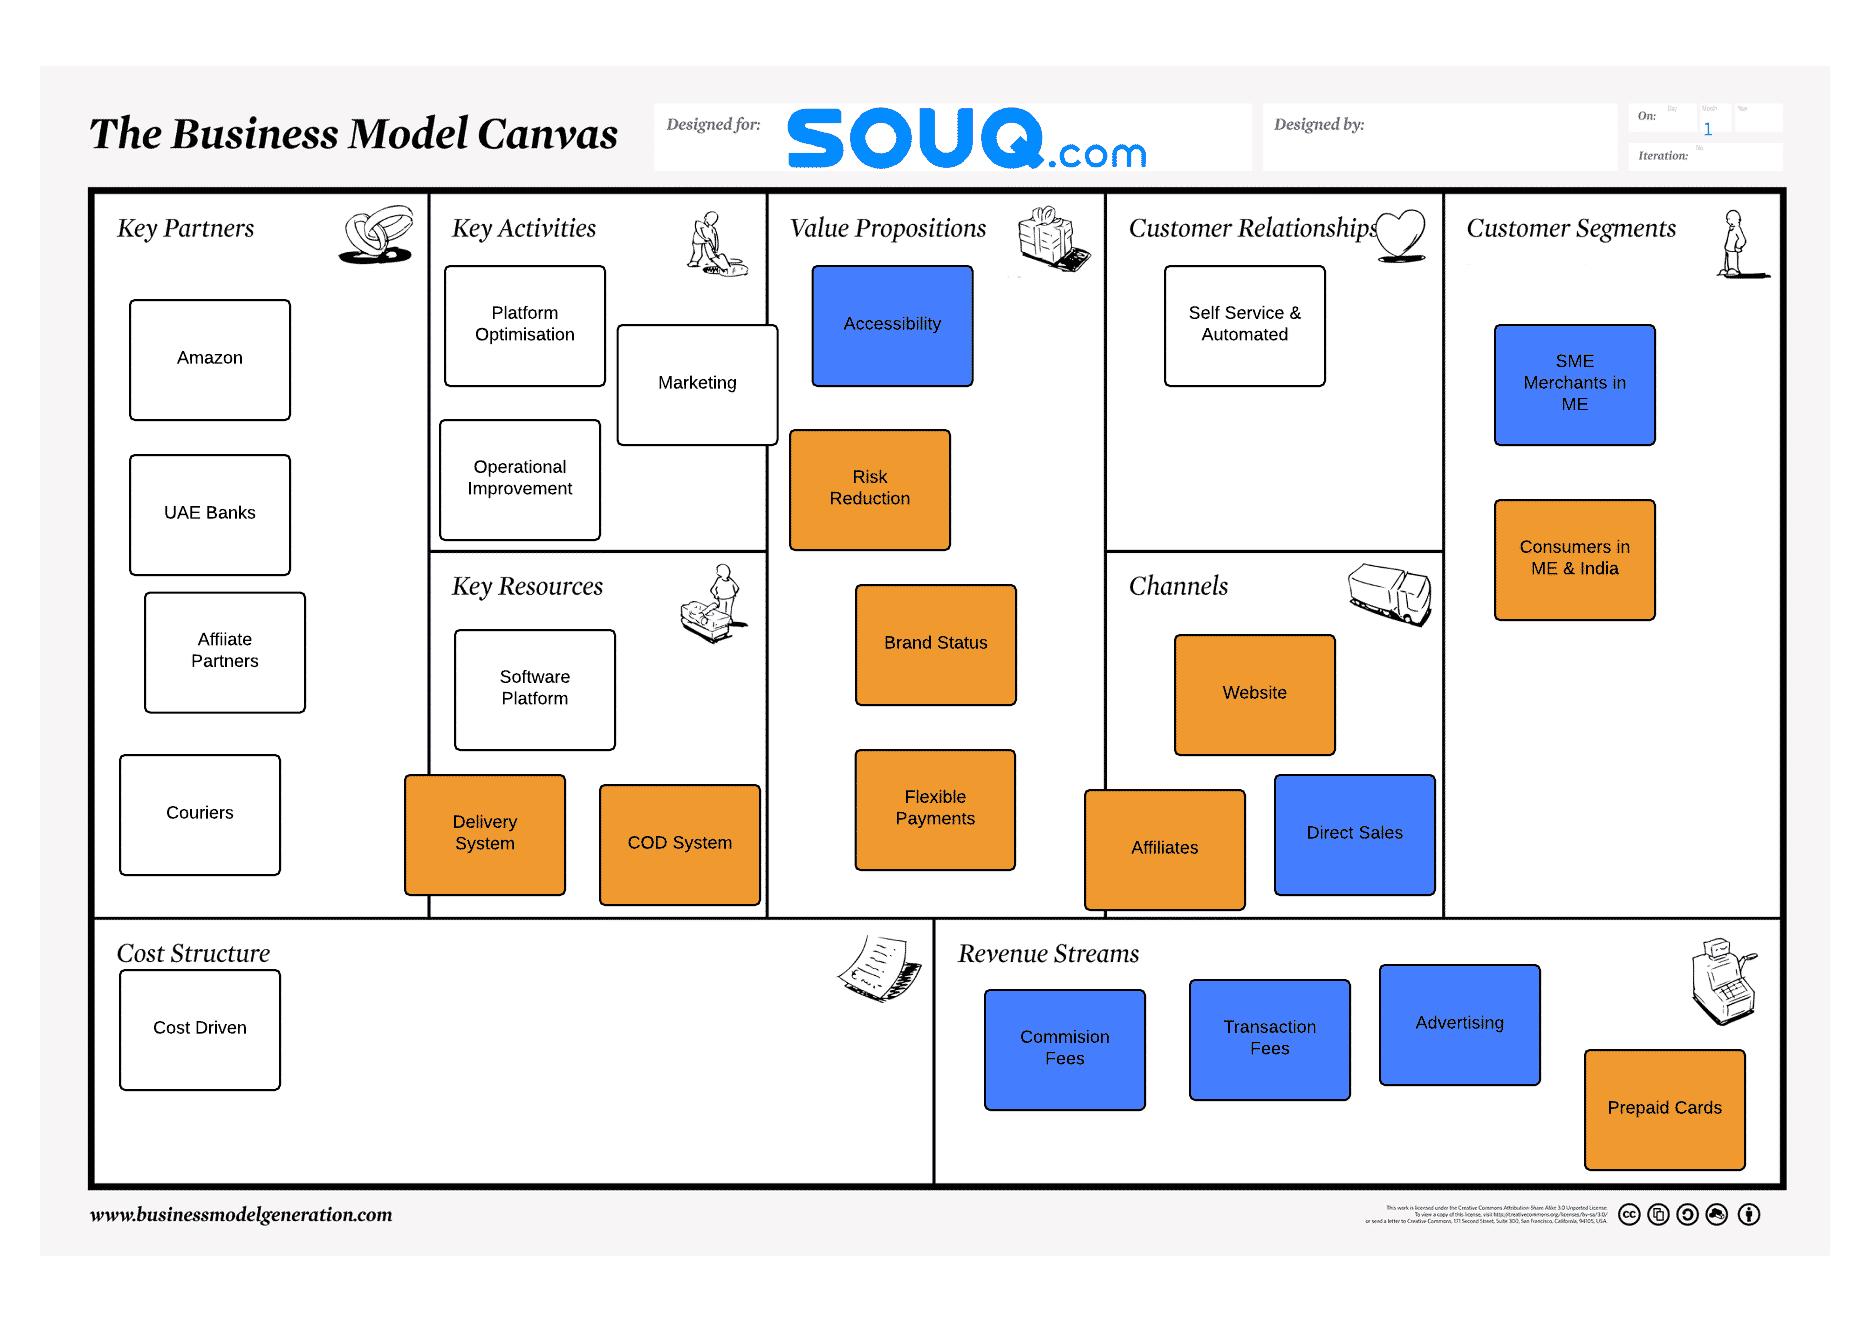 Souq Business Model Canvas - Denis Oakley